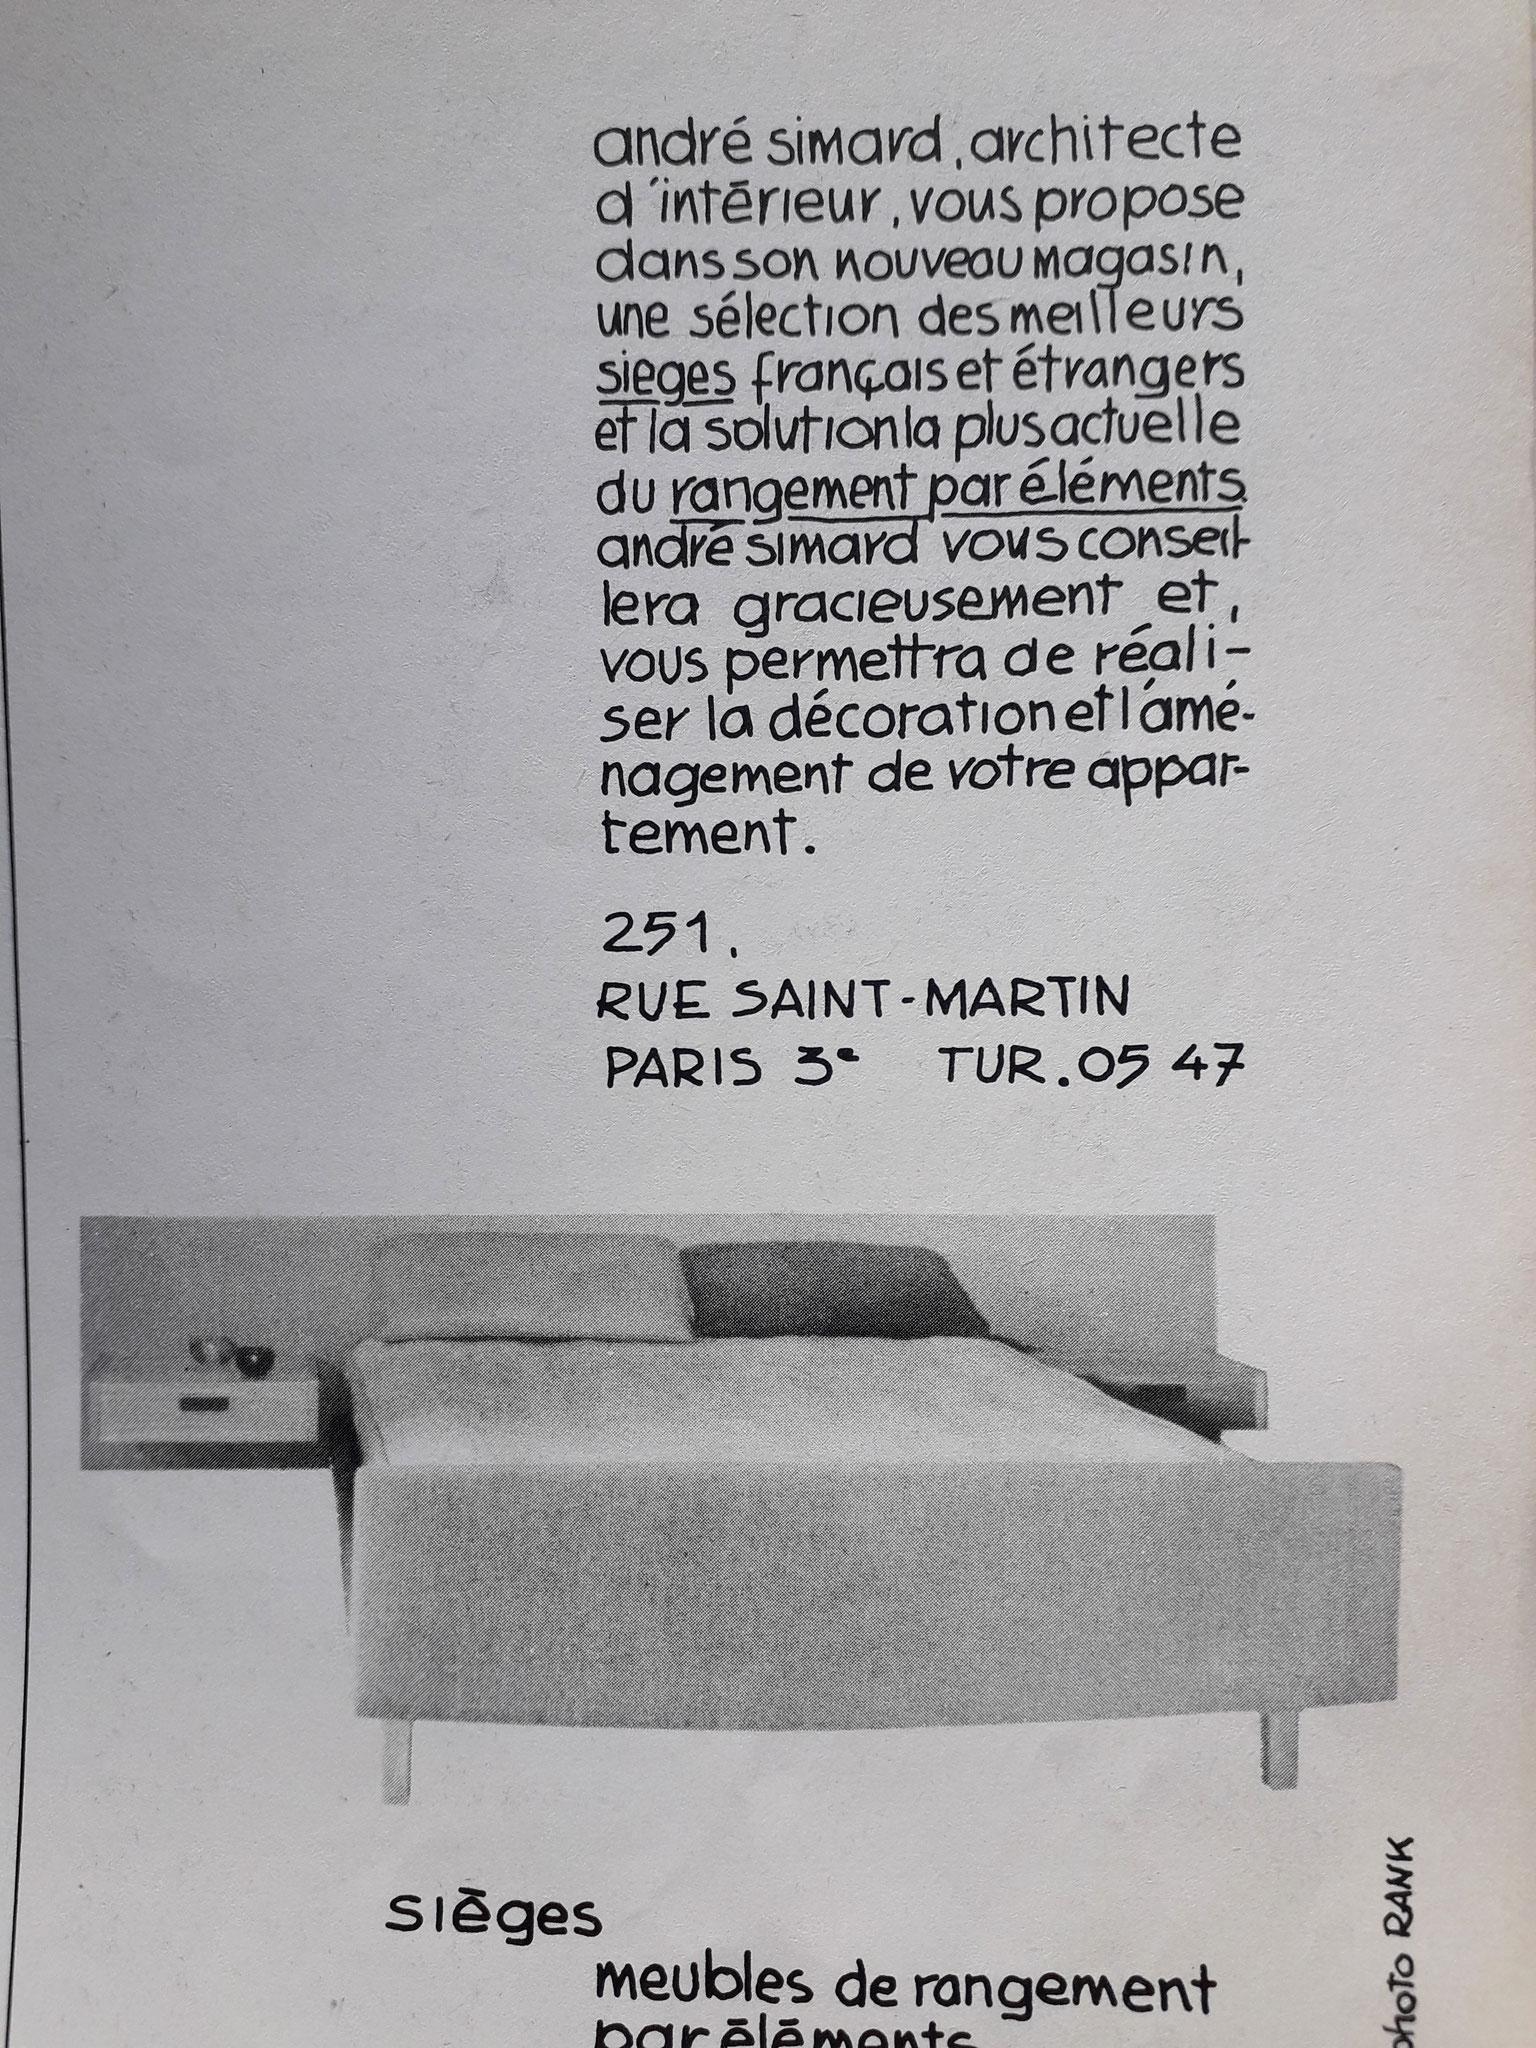 Publicité boutique André Simard, c. 1960